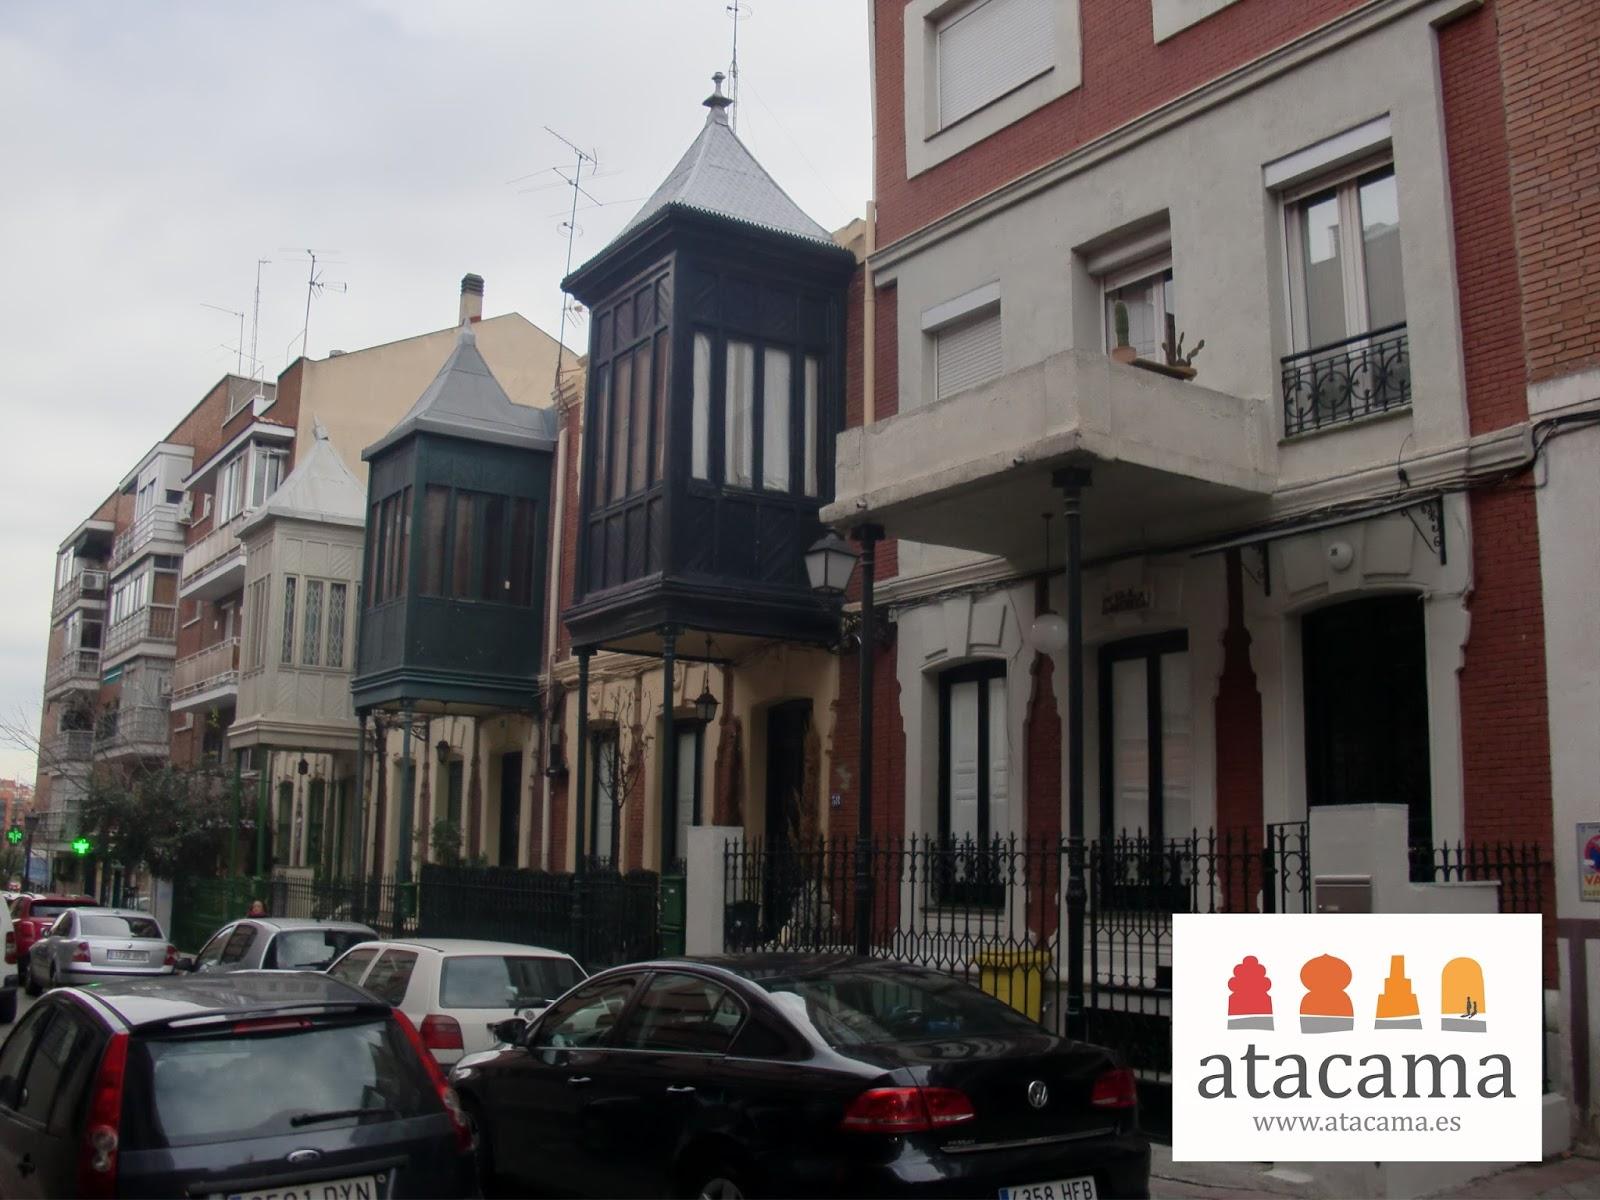 Atacama servicios culturales lo que queda del madrid moderno for Madrid moderno